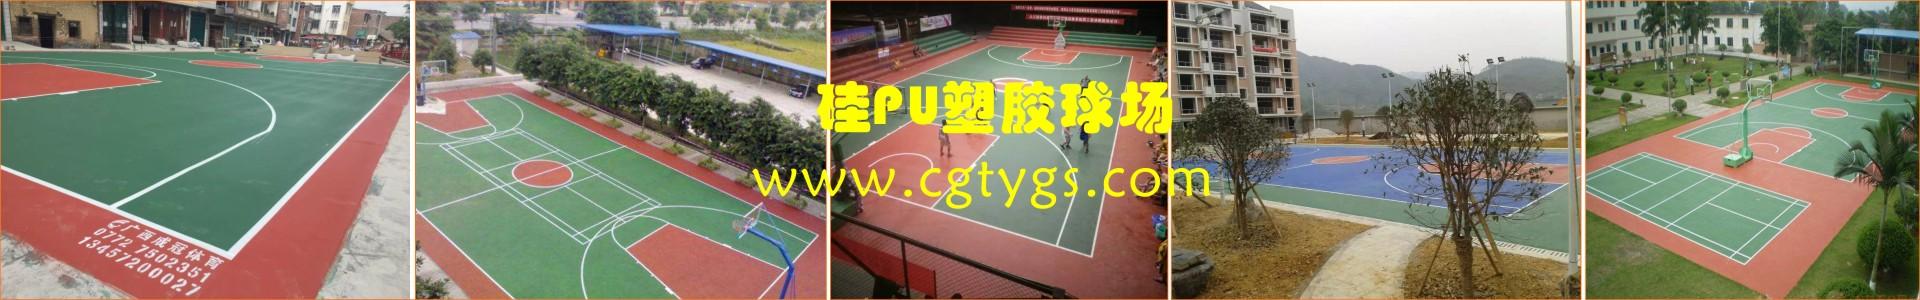 硅PU塑胶球场